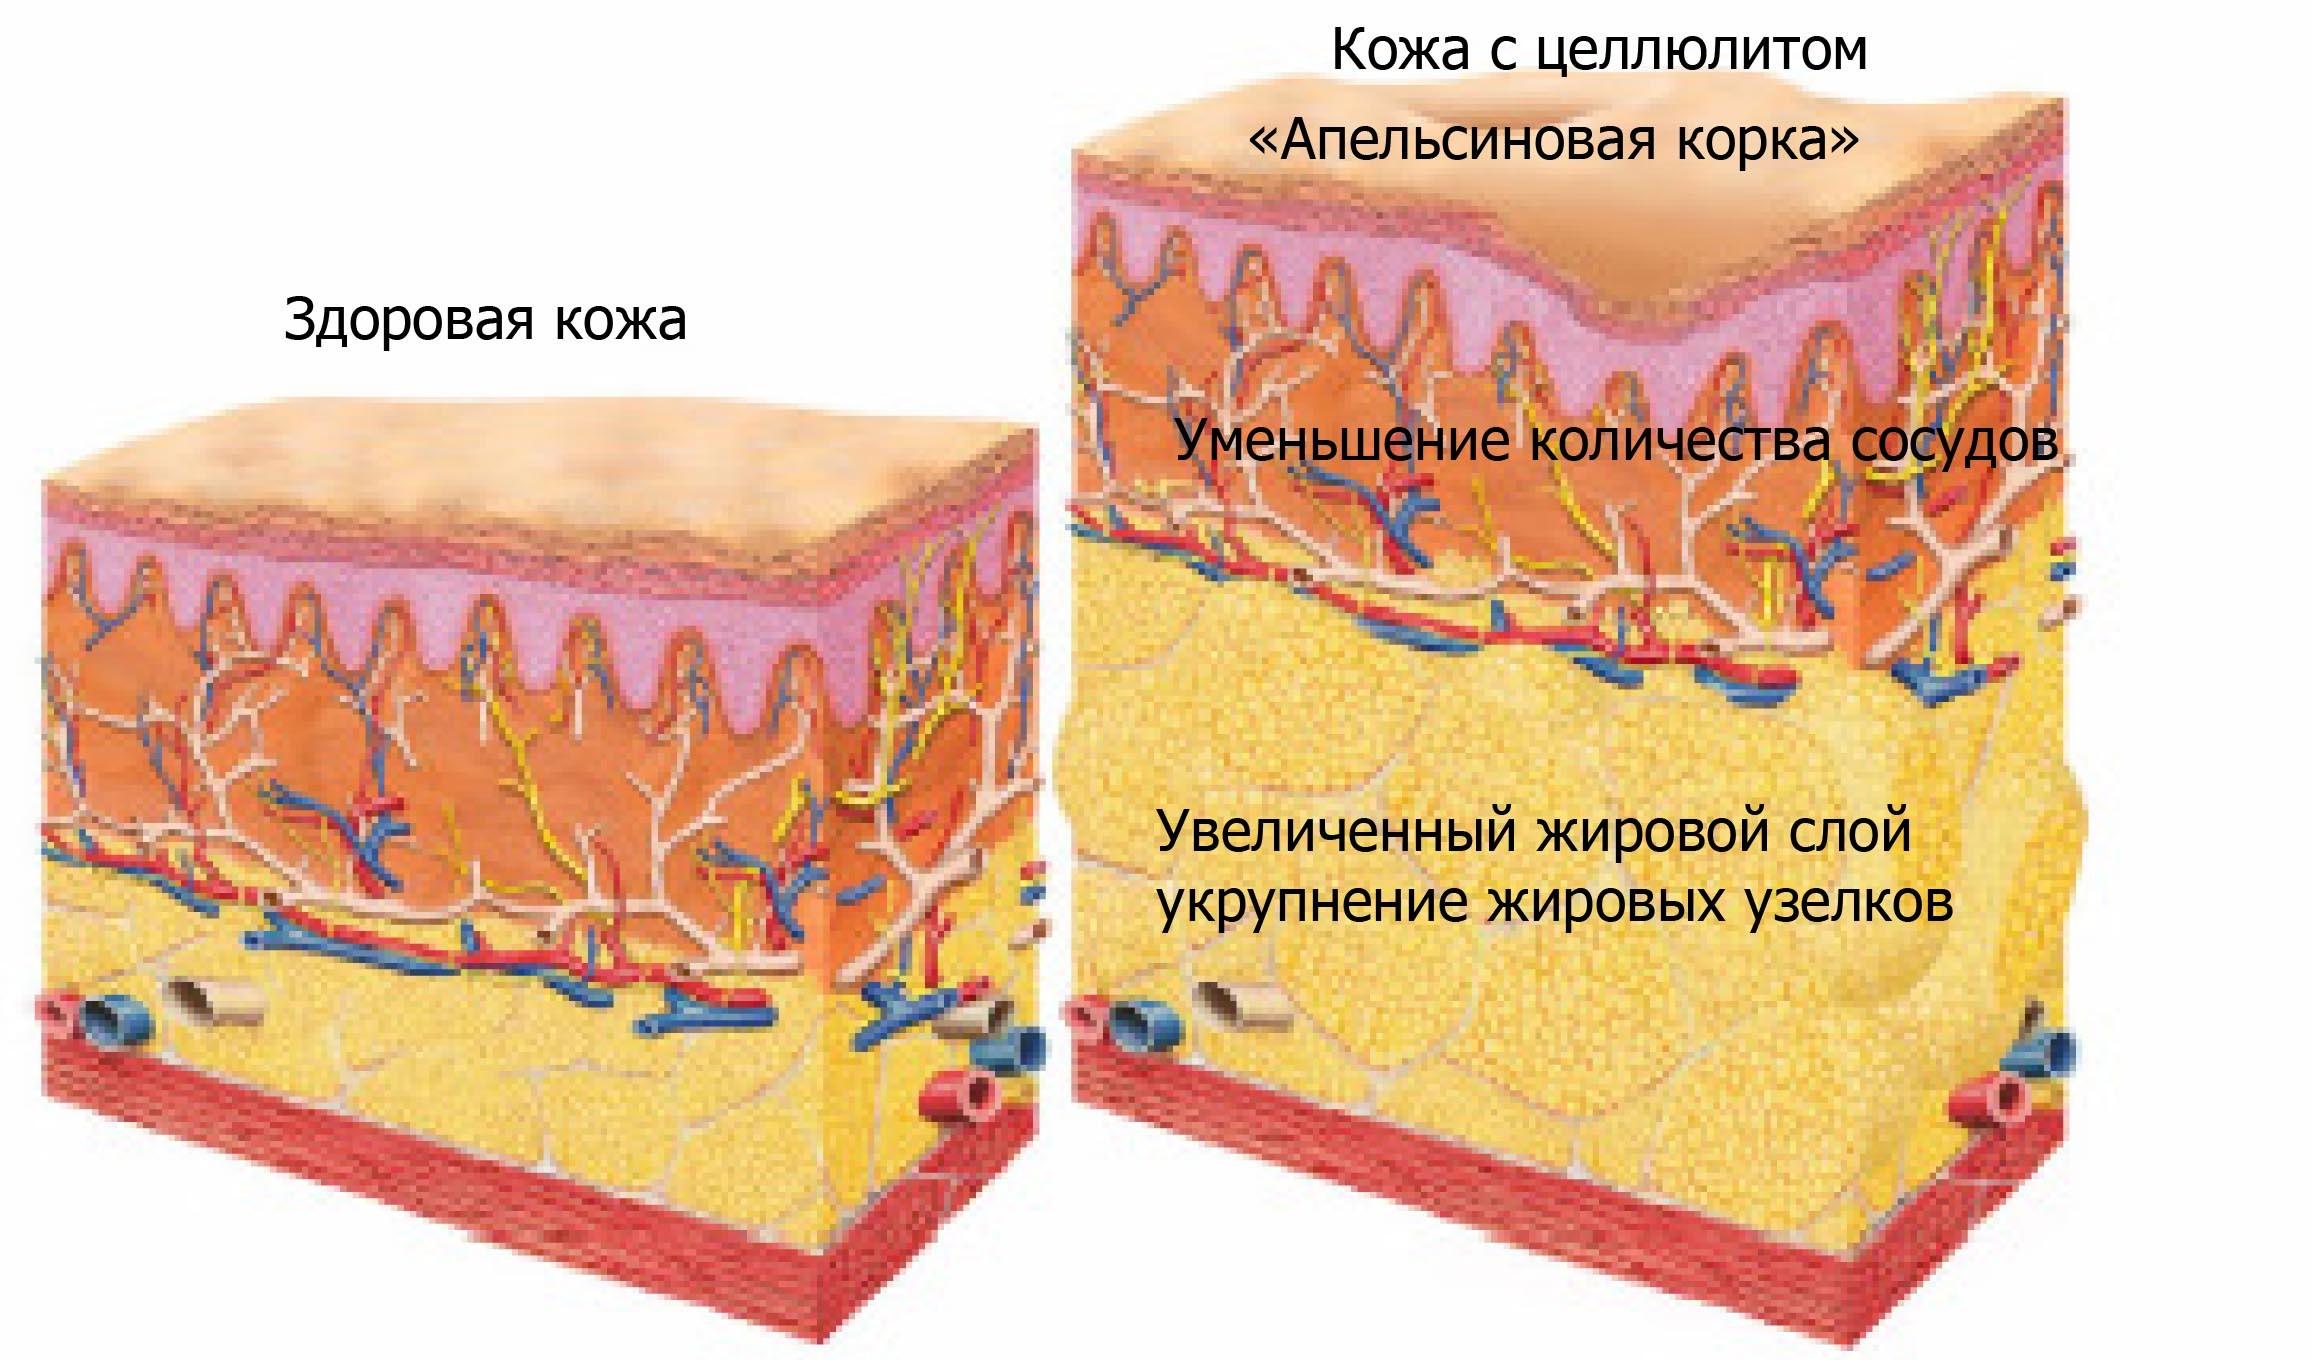 Что такое целлюлит?